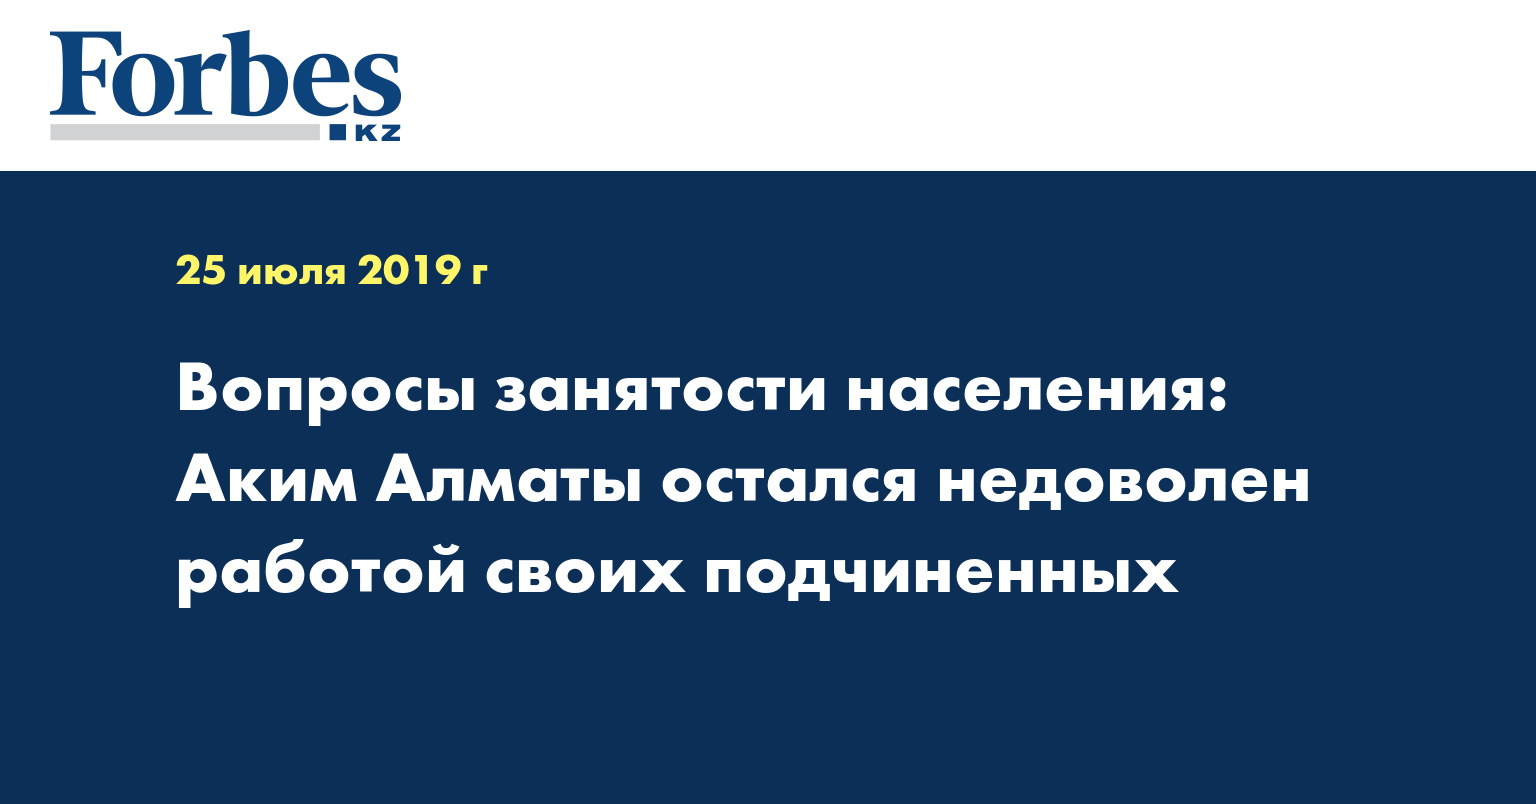 Вопросы занятости населения: Аким Алматы остался недоволен работой своих подчиненных